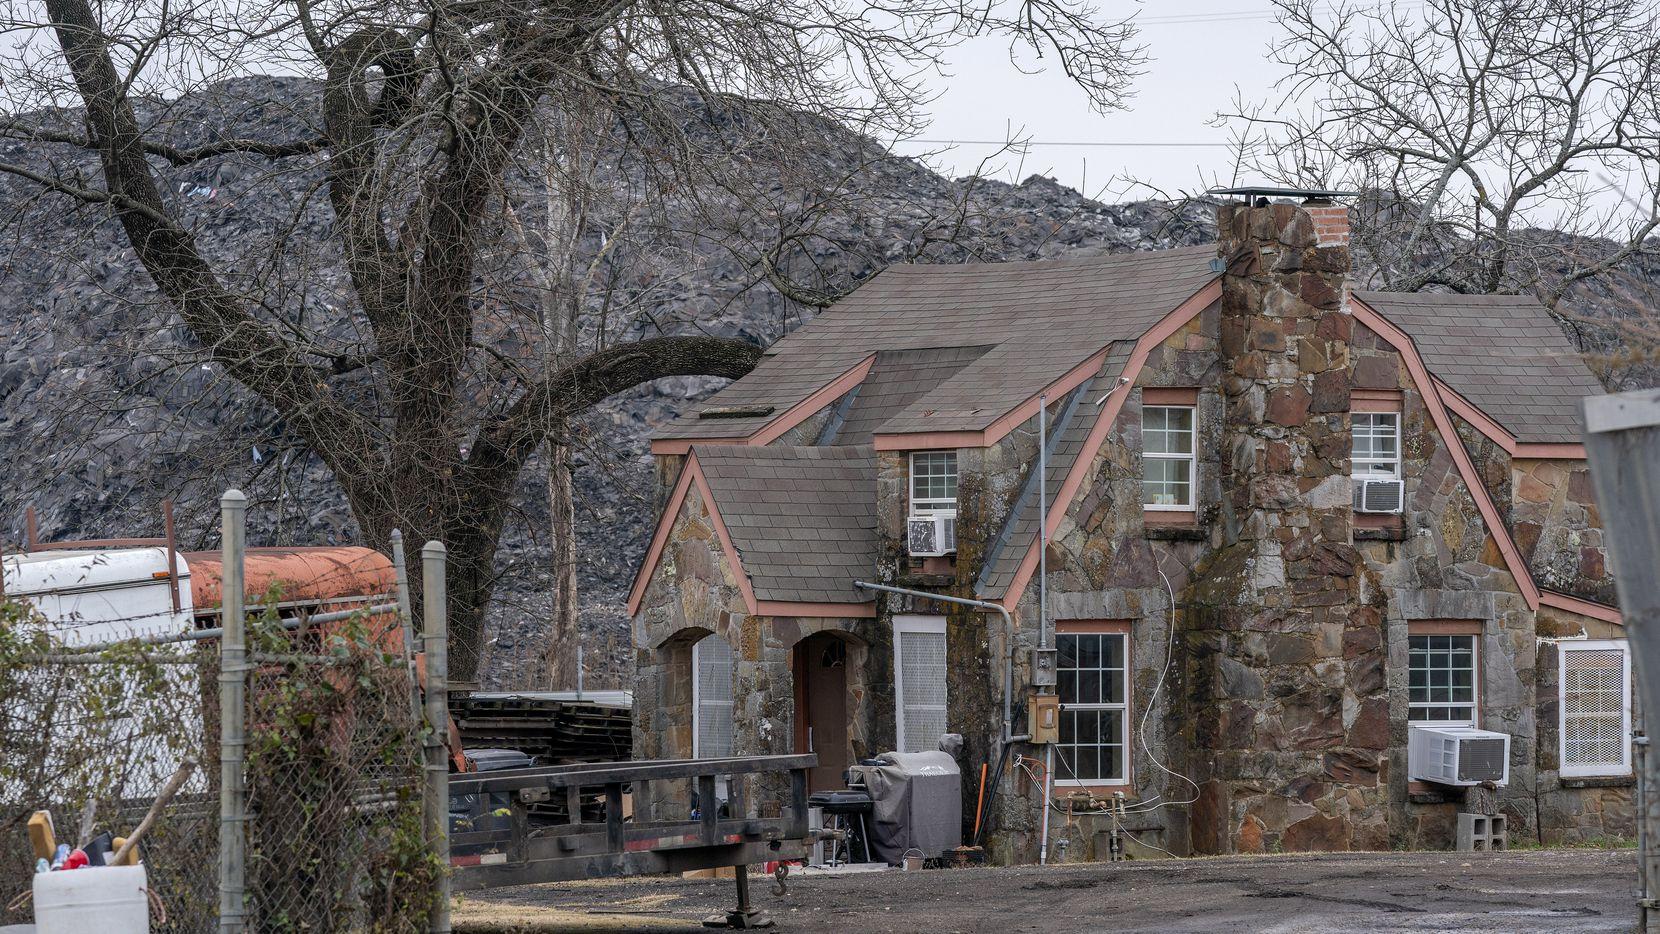 La acumulación de desechos de techado conocida como Shingle Mountain supera en tamaño a una casa en el sur de Dallas. El jueves empezaron a retirar los escombros.